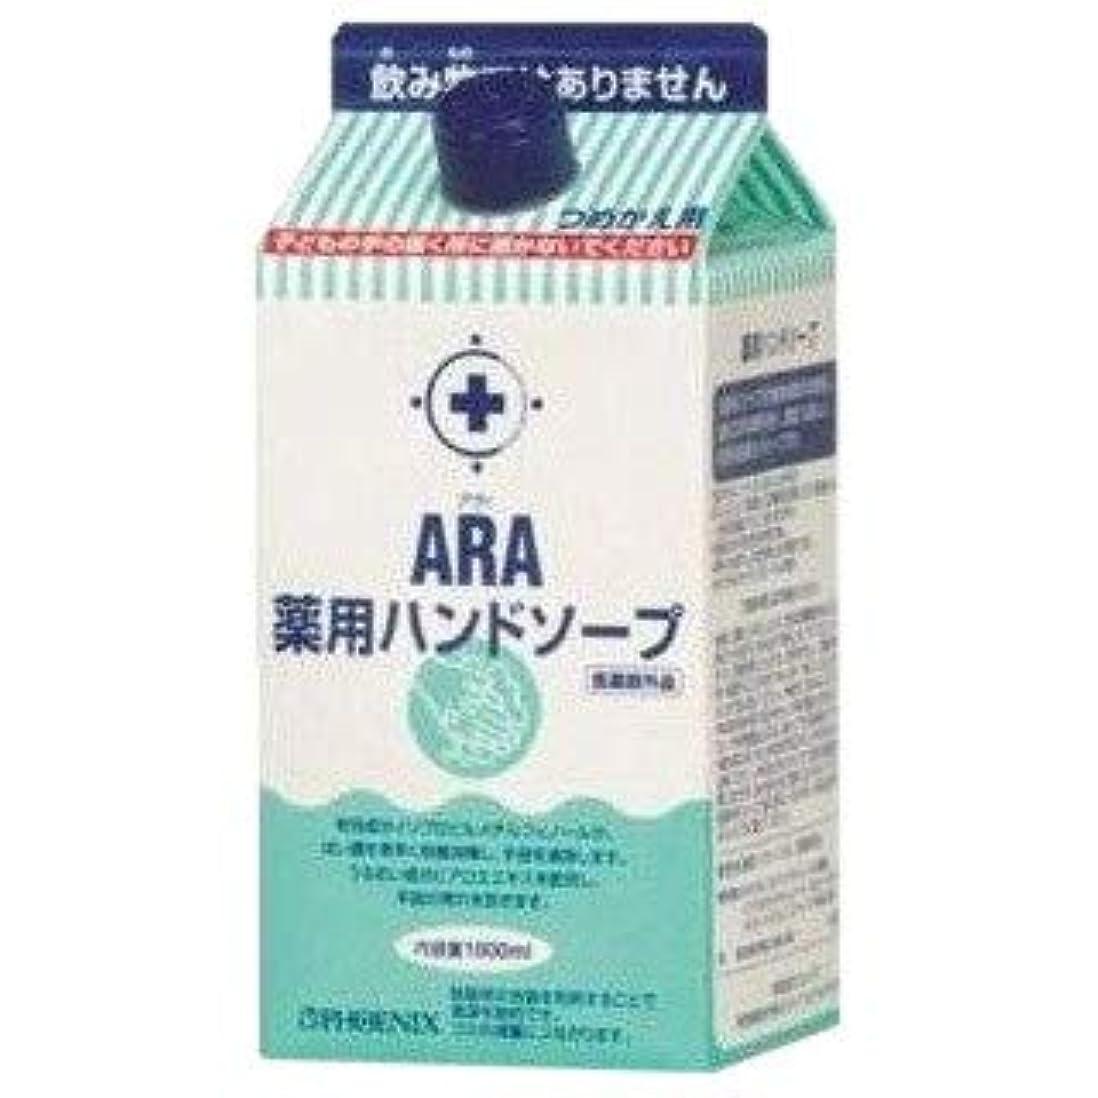 リマ標高雲ARA 薬用ハンドソープ(詰め替え用) 1000ml×12入